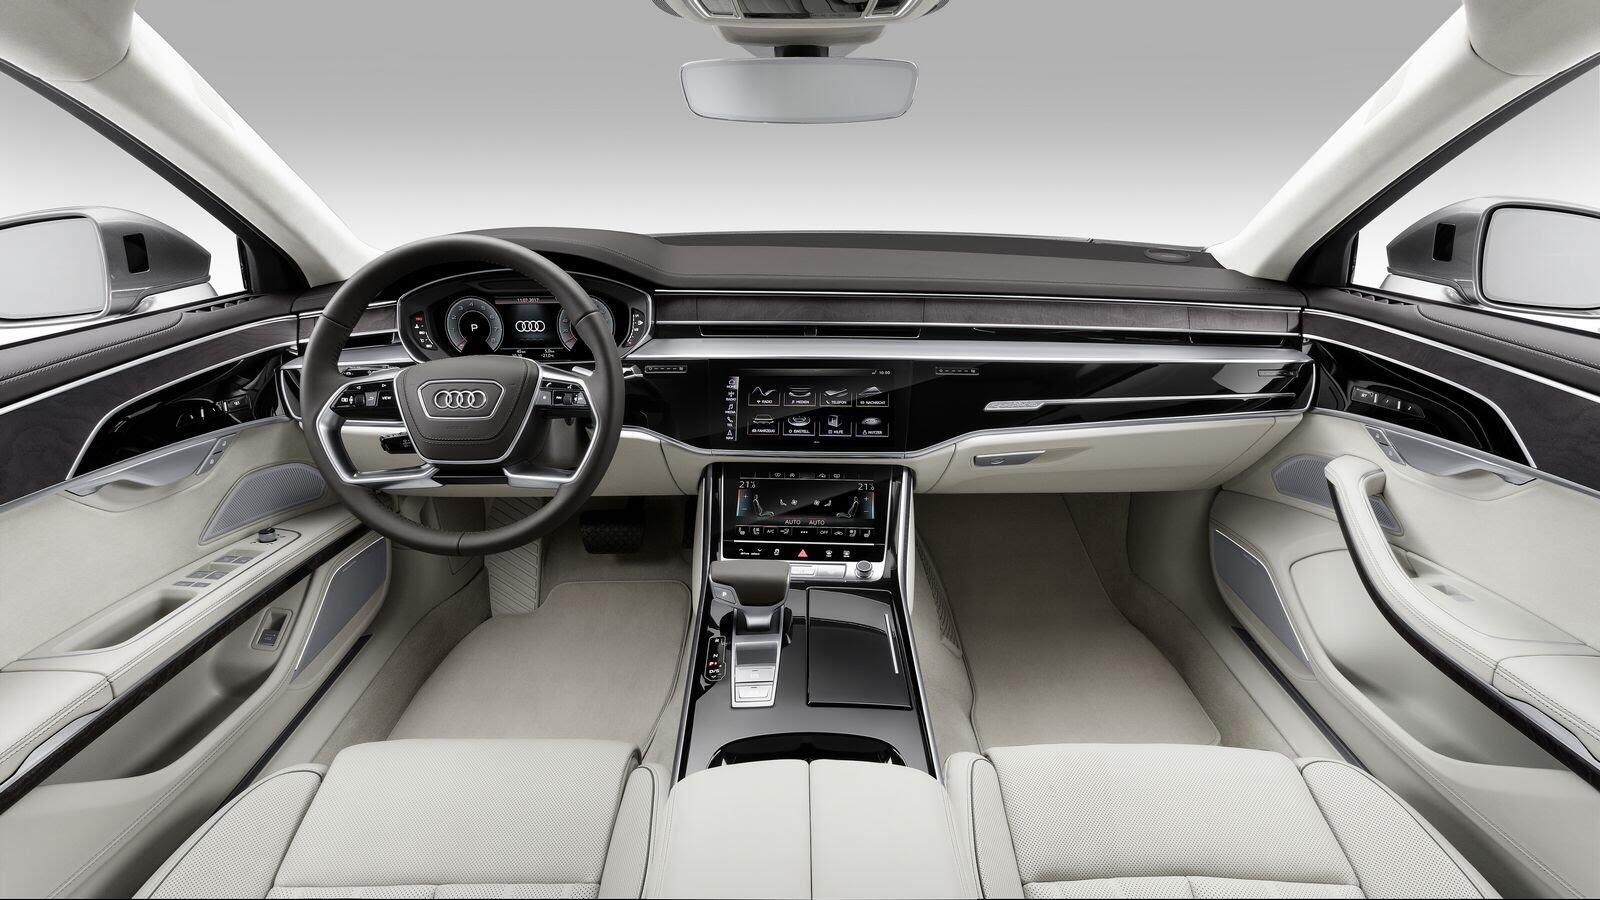 Audi A8 hoàn toàn mới chính thức ra mắt với đầy ắp công nghệ - Hình 6